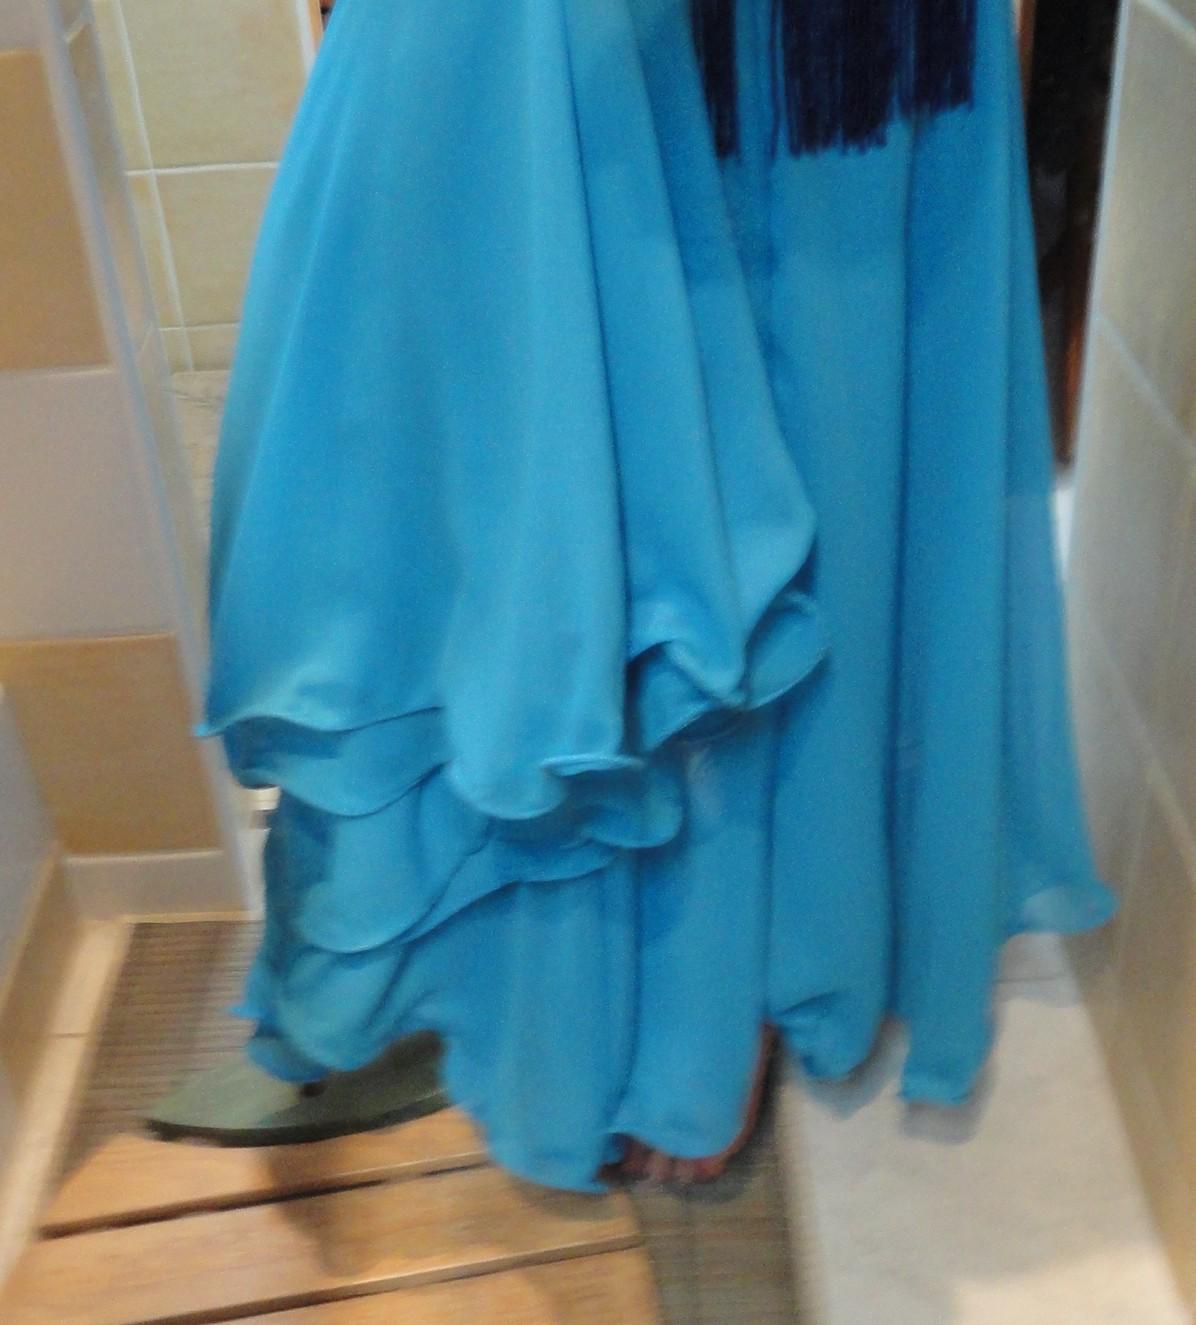 miss coco vide son dressing montpellier h rault 34 ensemble bleu nuit de danse orientale. Black Bedroom Furniture Sets. Home Design Ideas